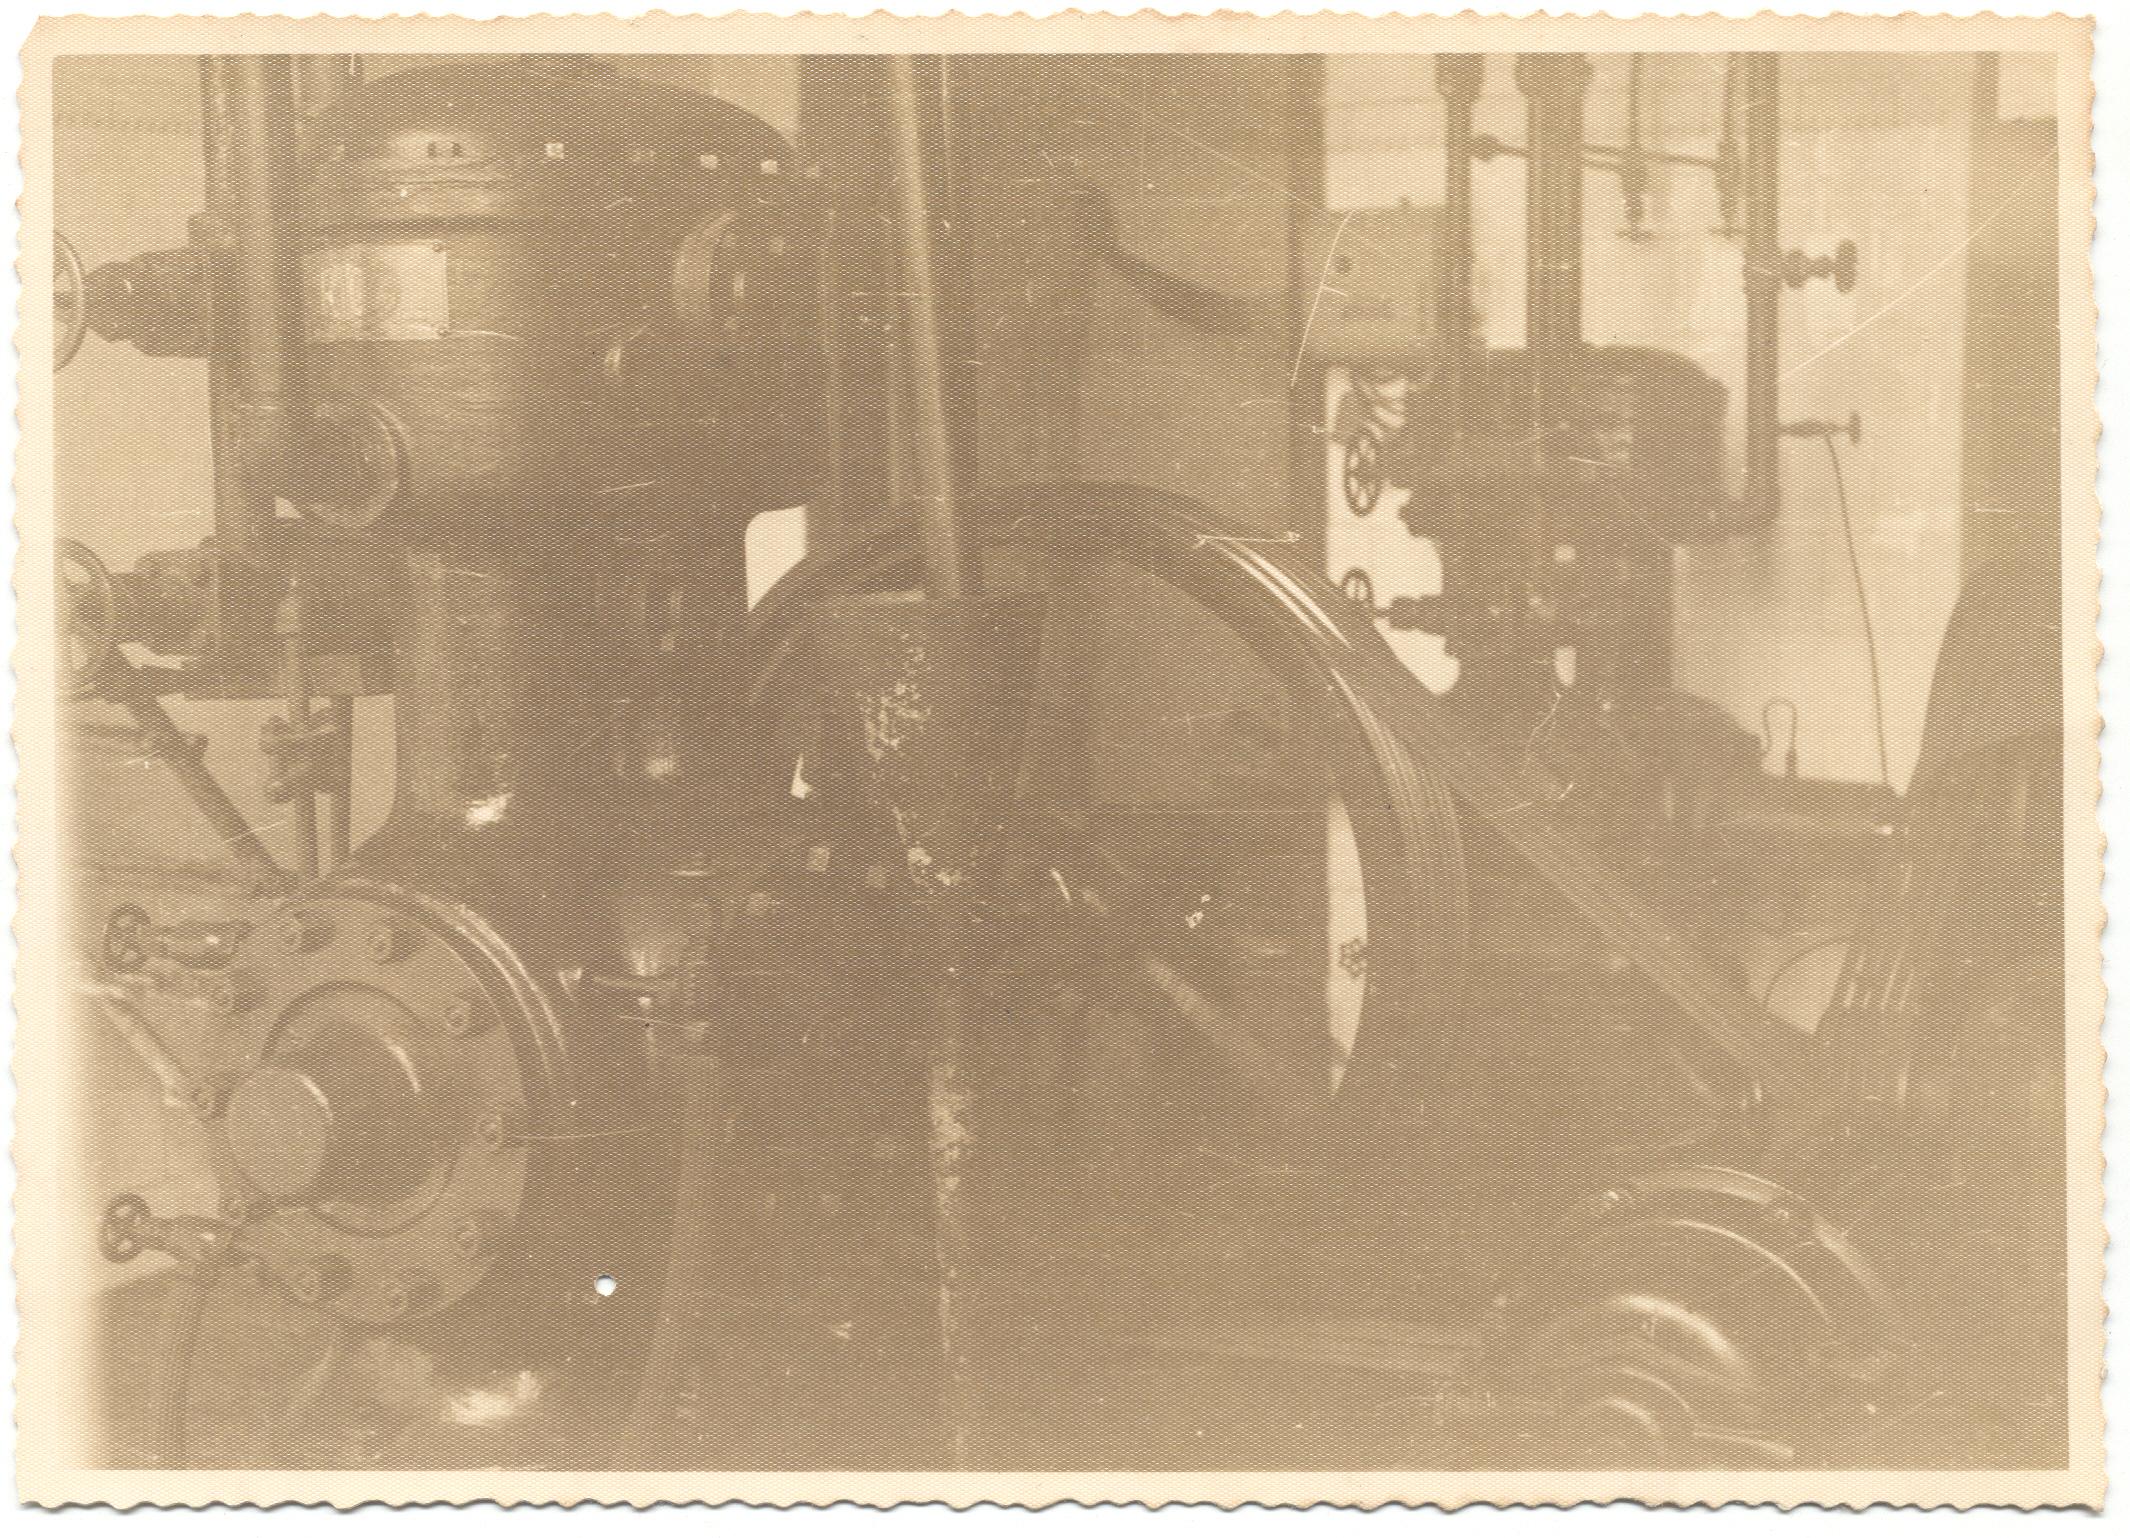 foto038-laticinio compressor frick19